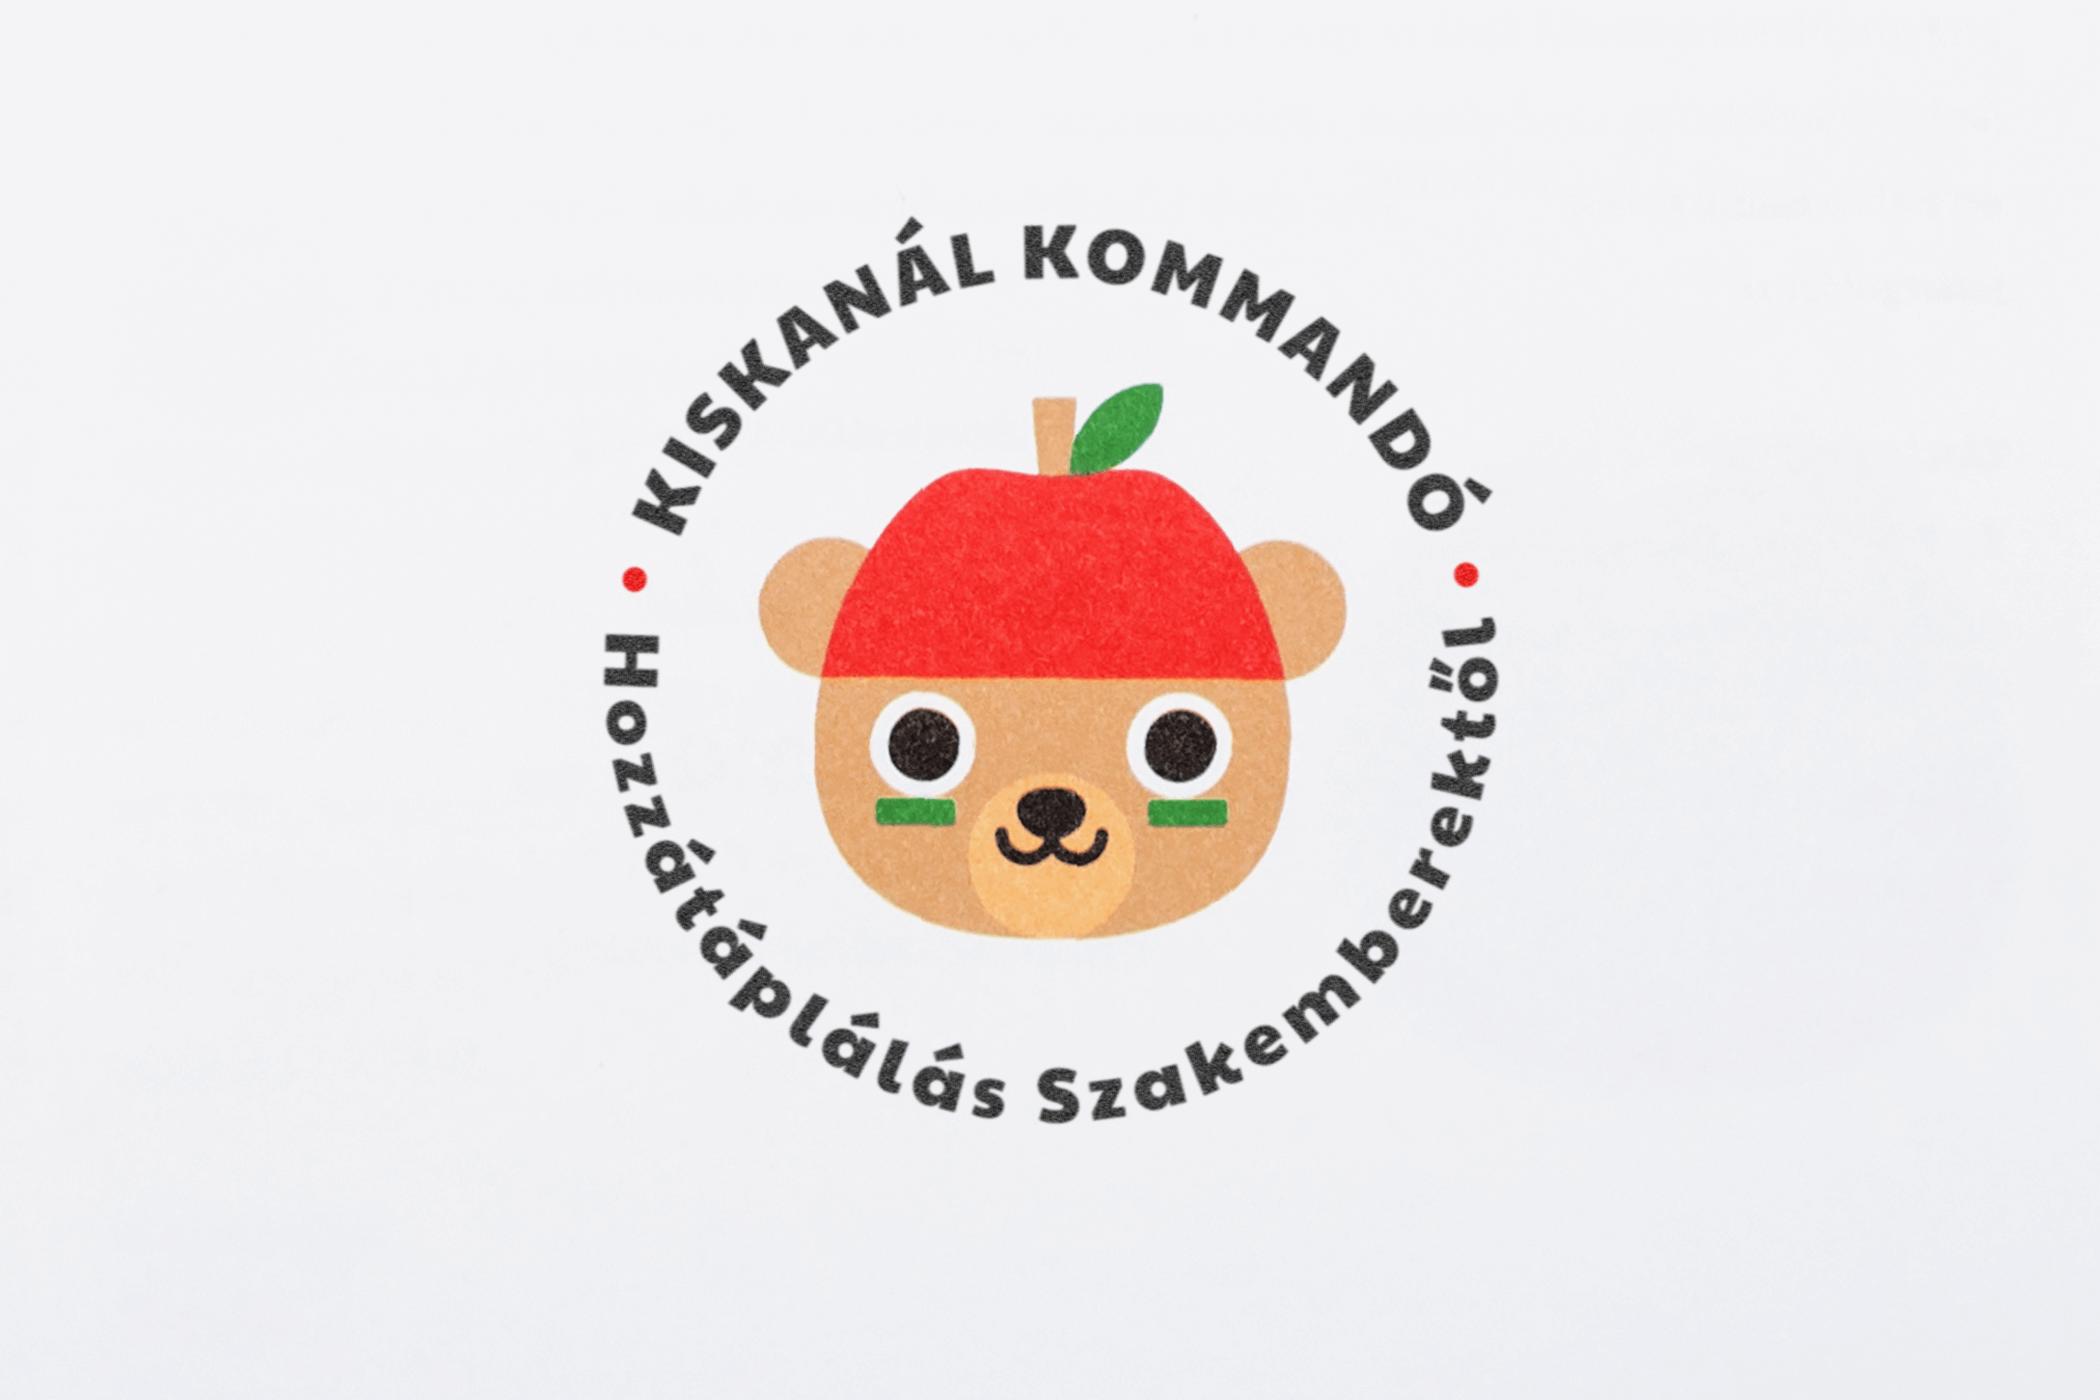 Kiskanal Kommando logo